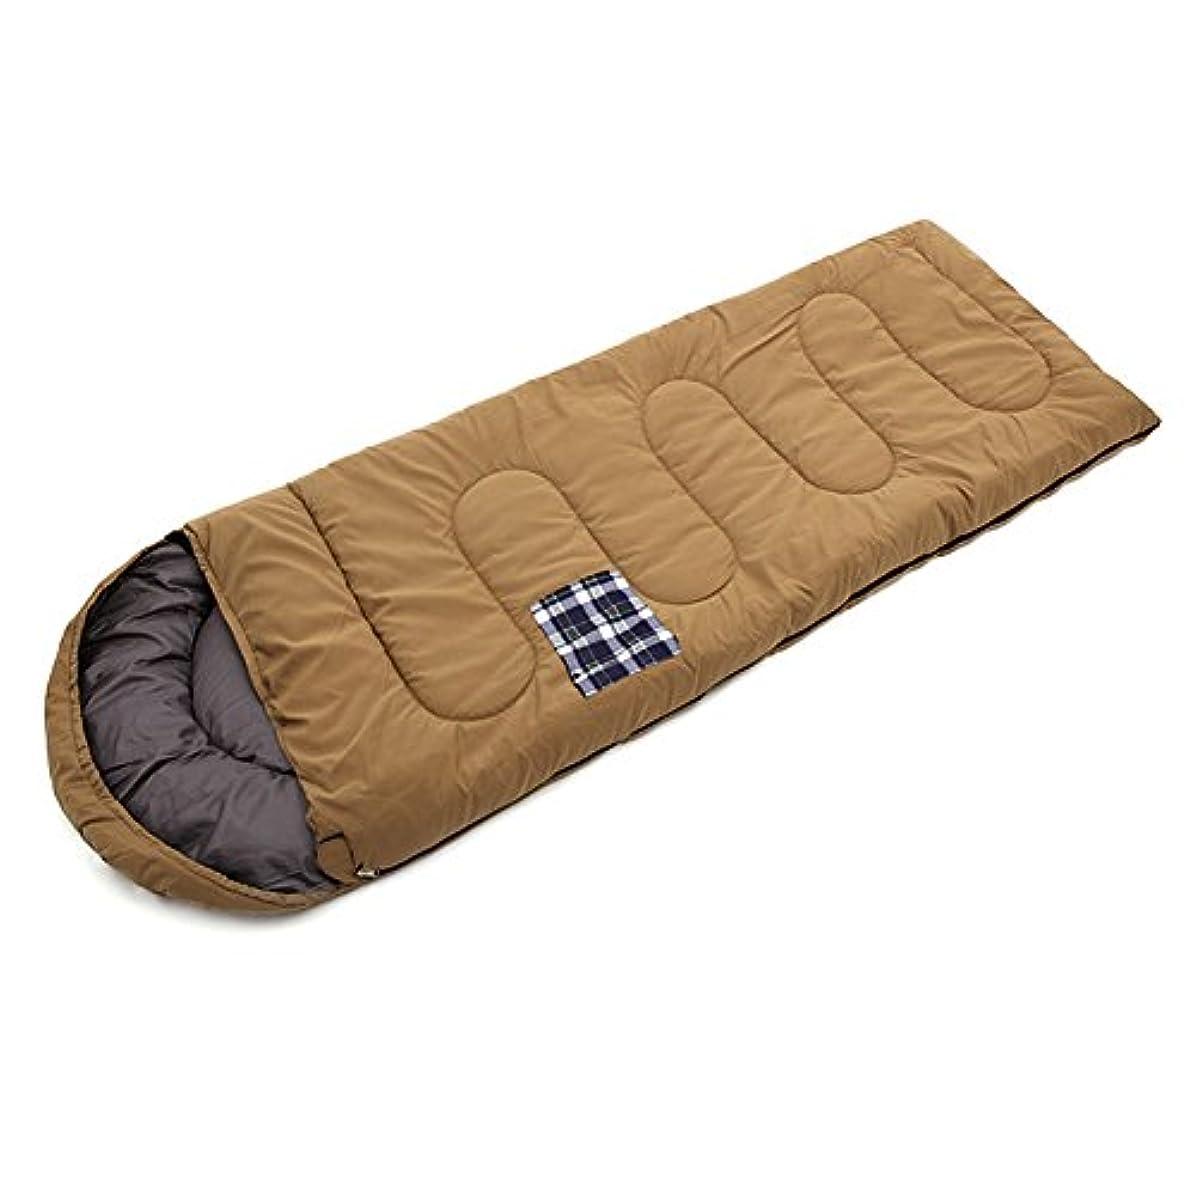 ウイルスどこか式寝袋 シュラフ2.0kg 収納袋付き ポケット付き ゆったり 登山用 避難用 封筒型 旅行 キャンプ ハイキング 軽量 コンパクト収納